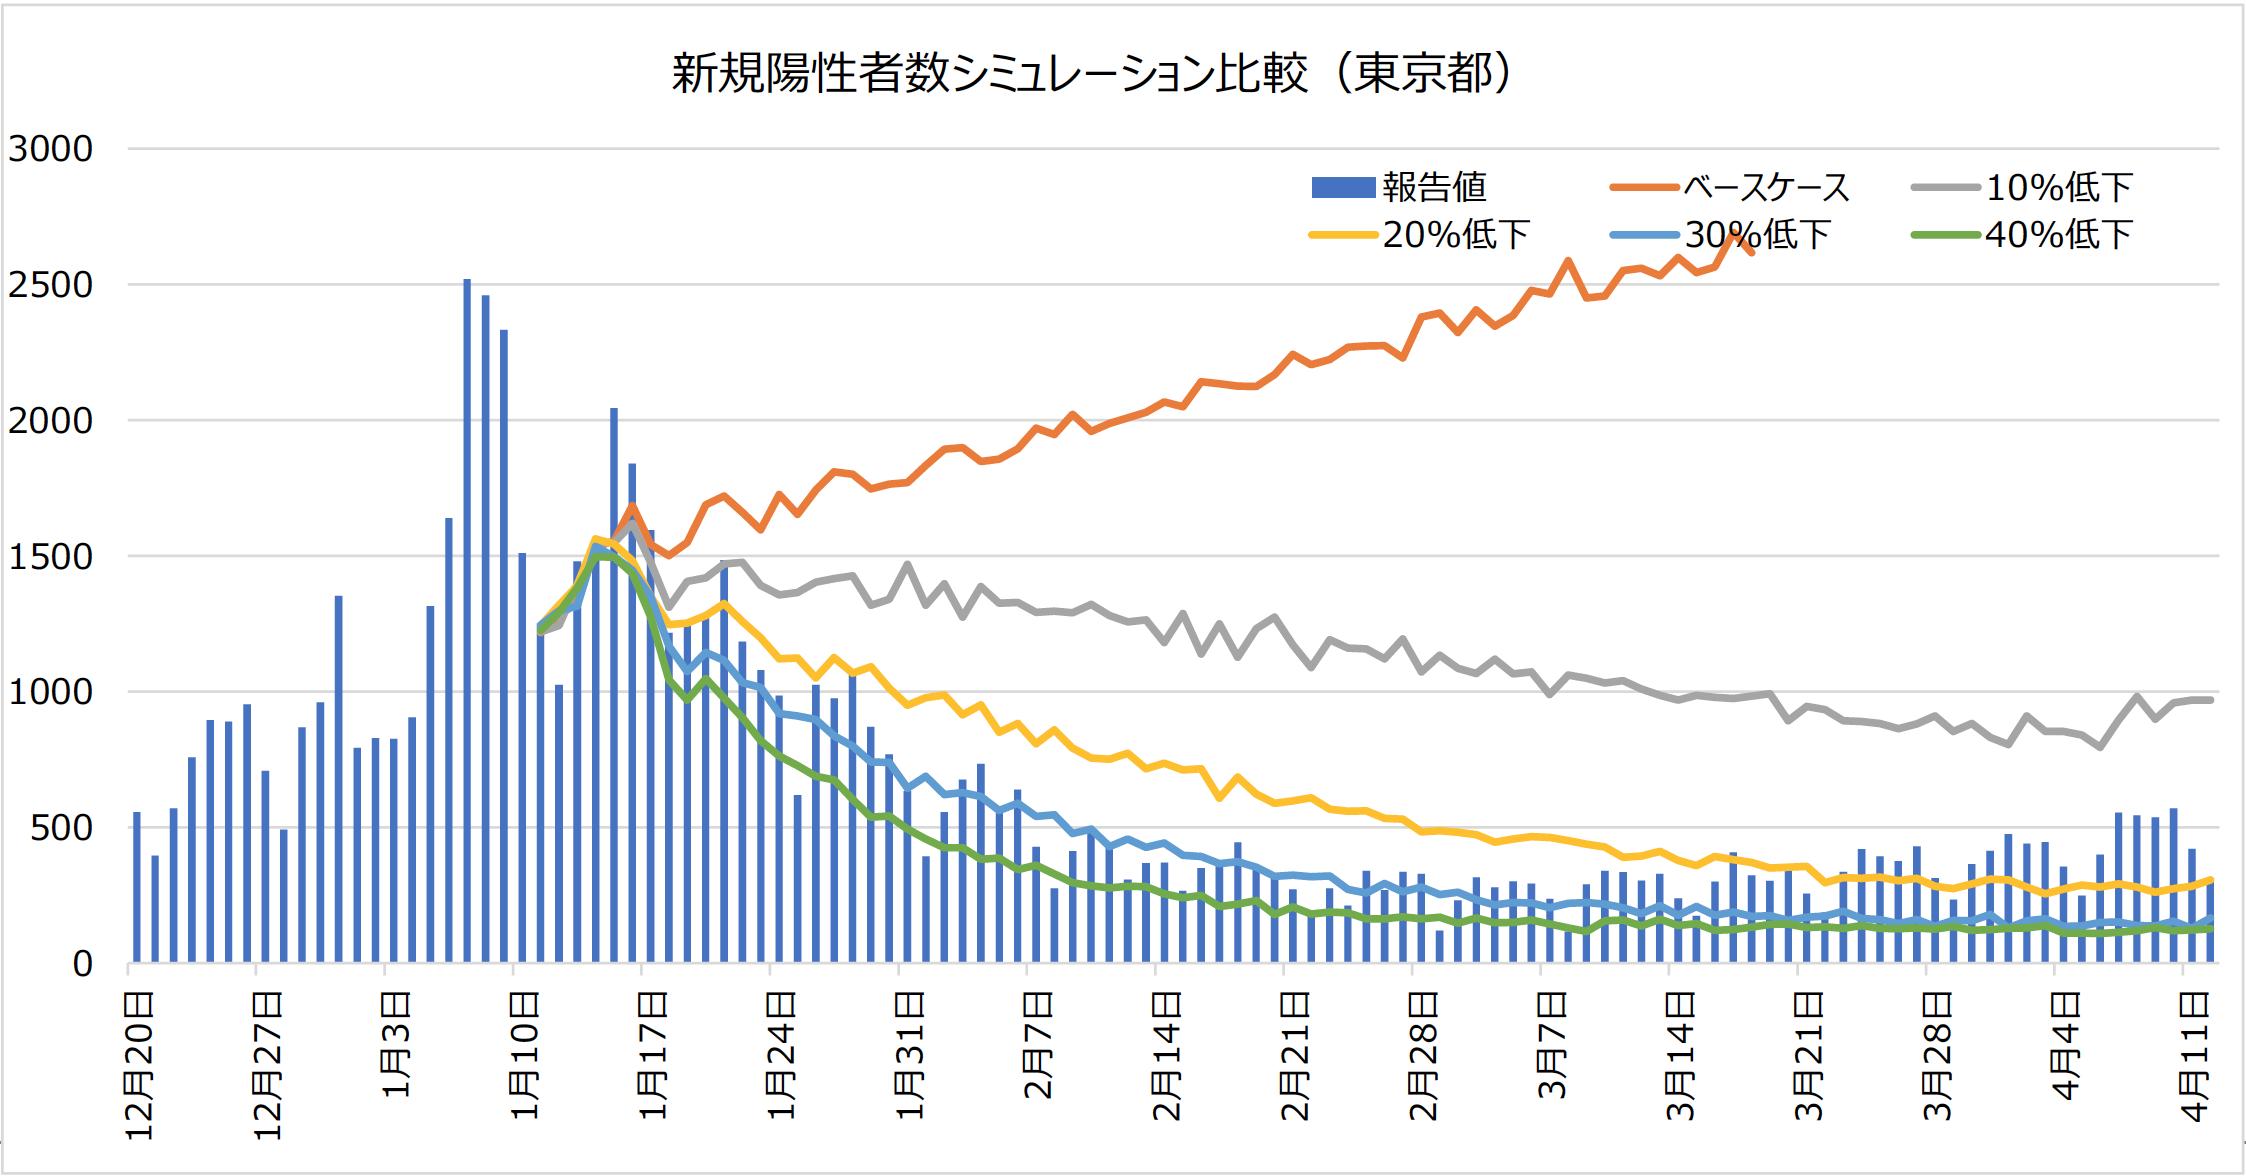 新規陽性者数シミュレーション比較(東京都)